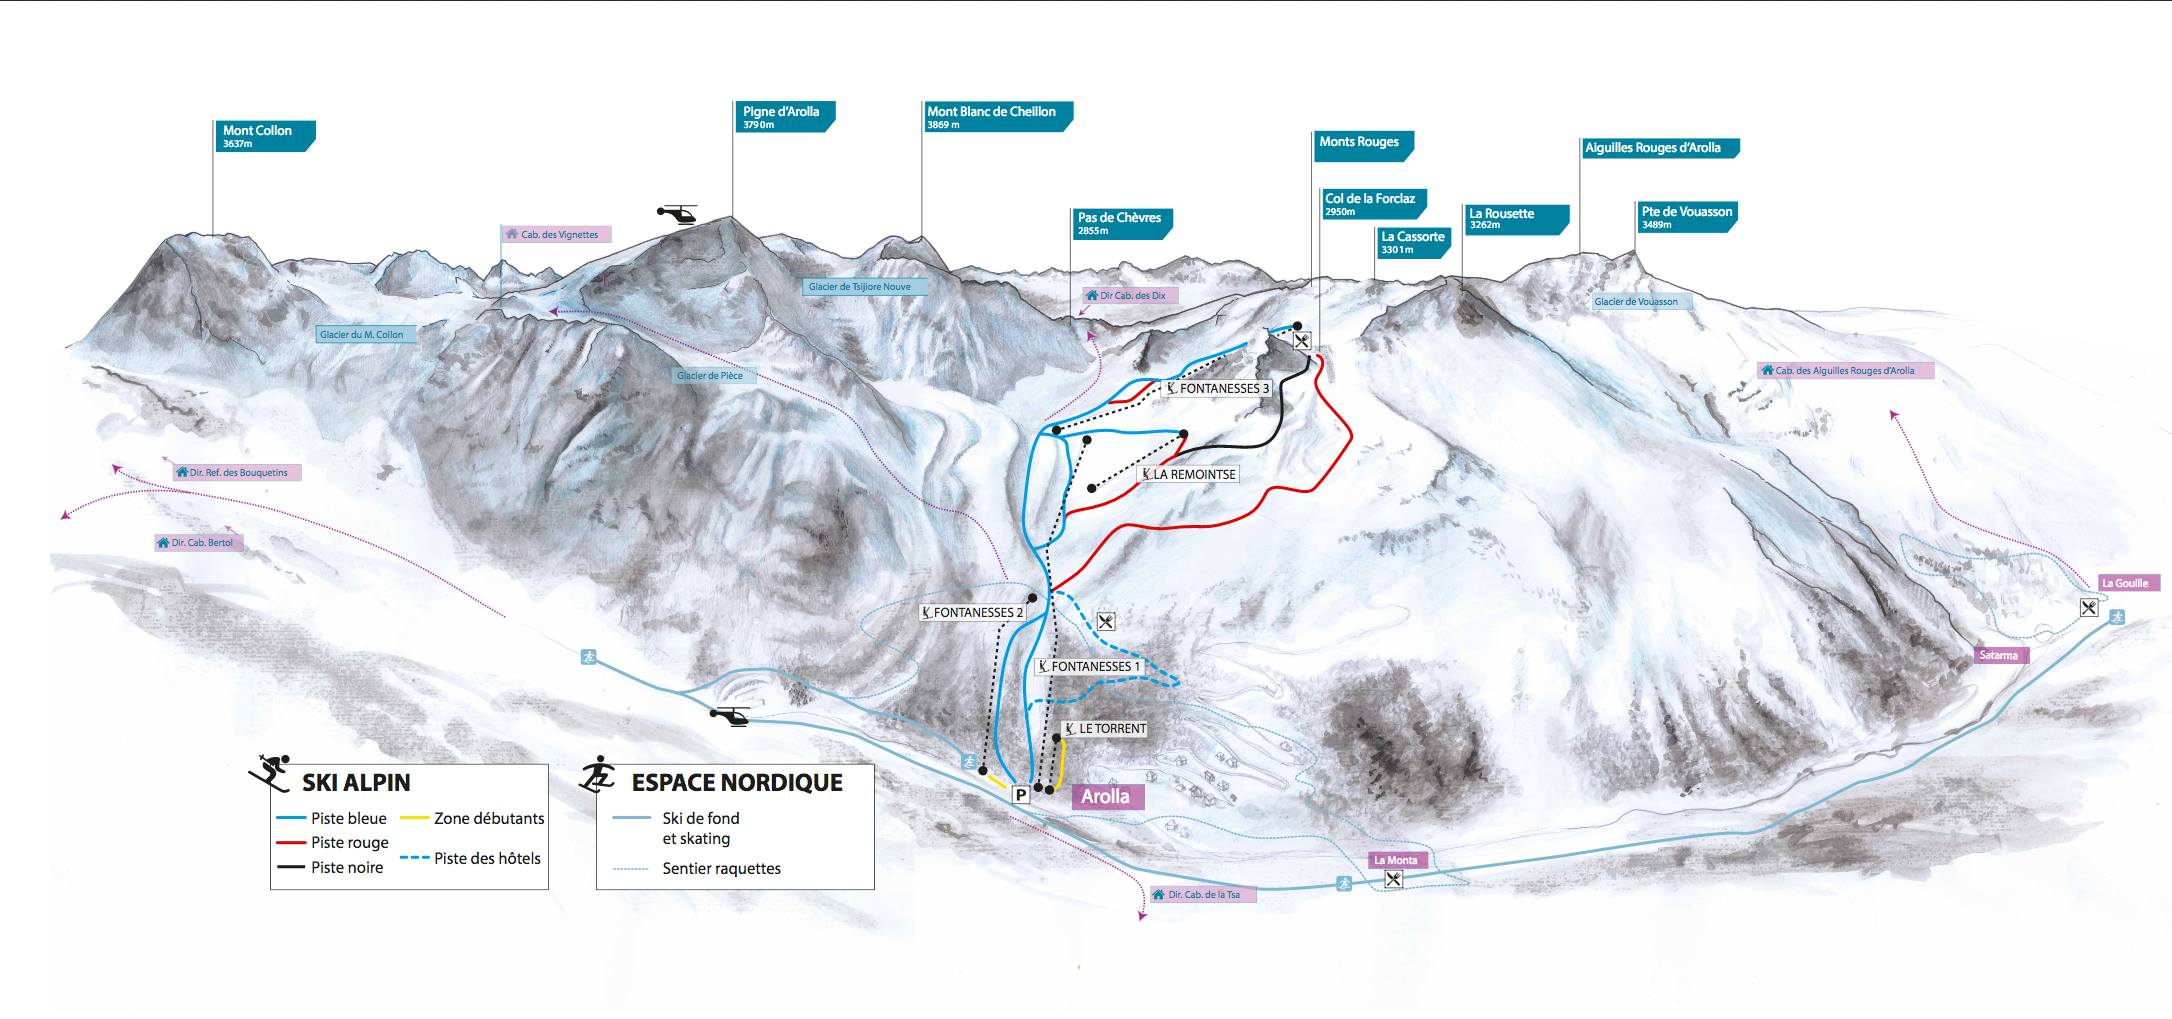 Arolla ski map, ©Wasabidesign 2013